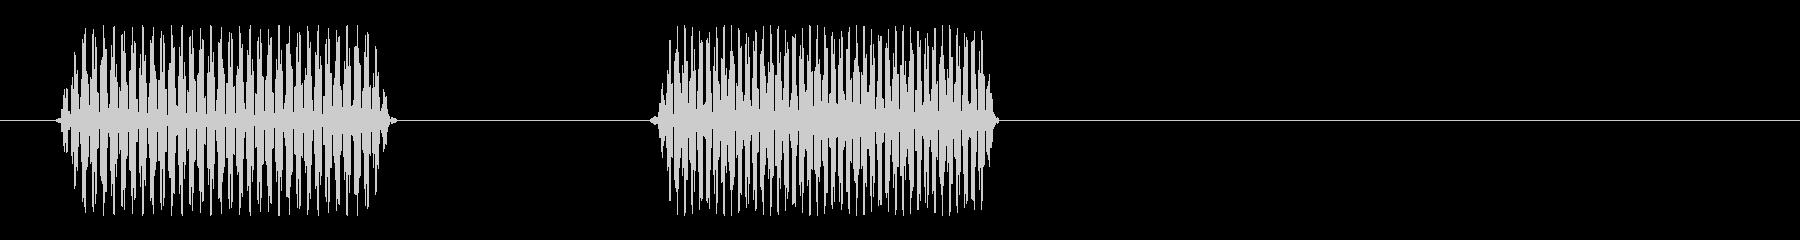 ポピッ(電子音)シンプルの未再生の波形